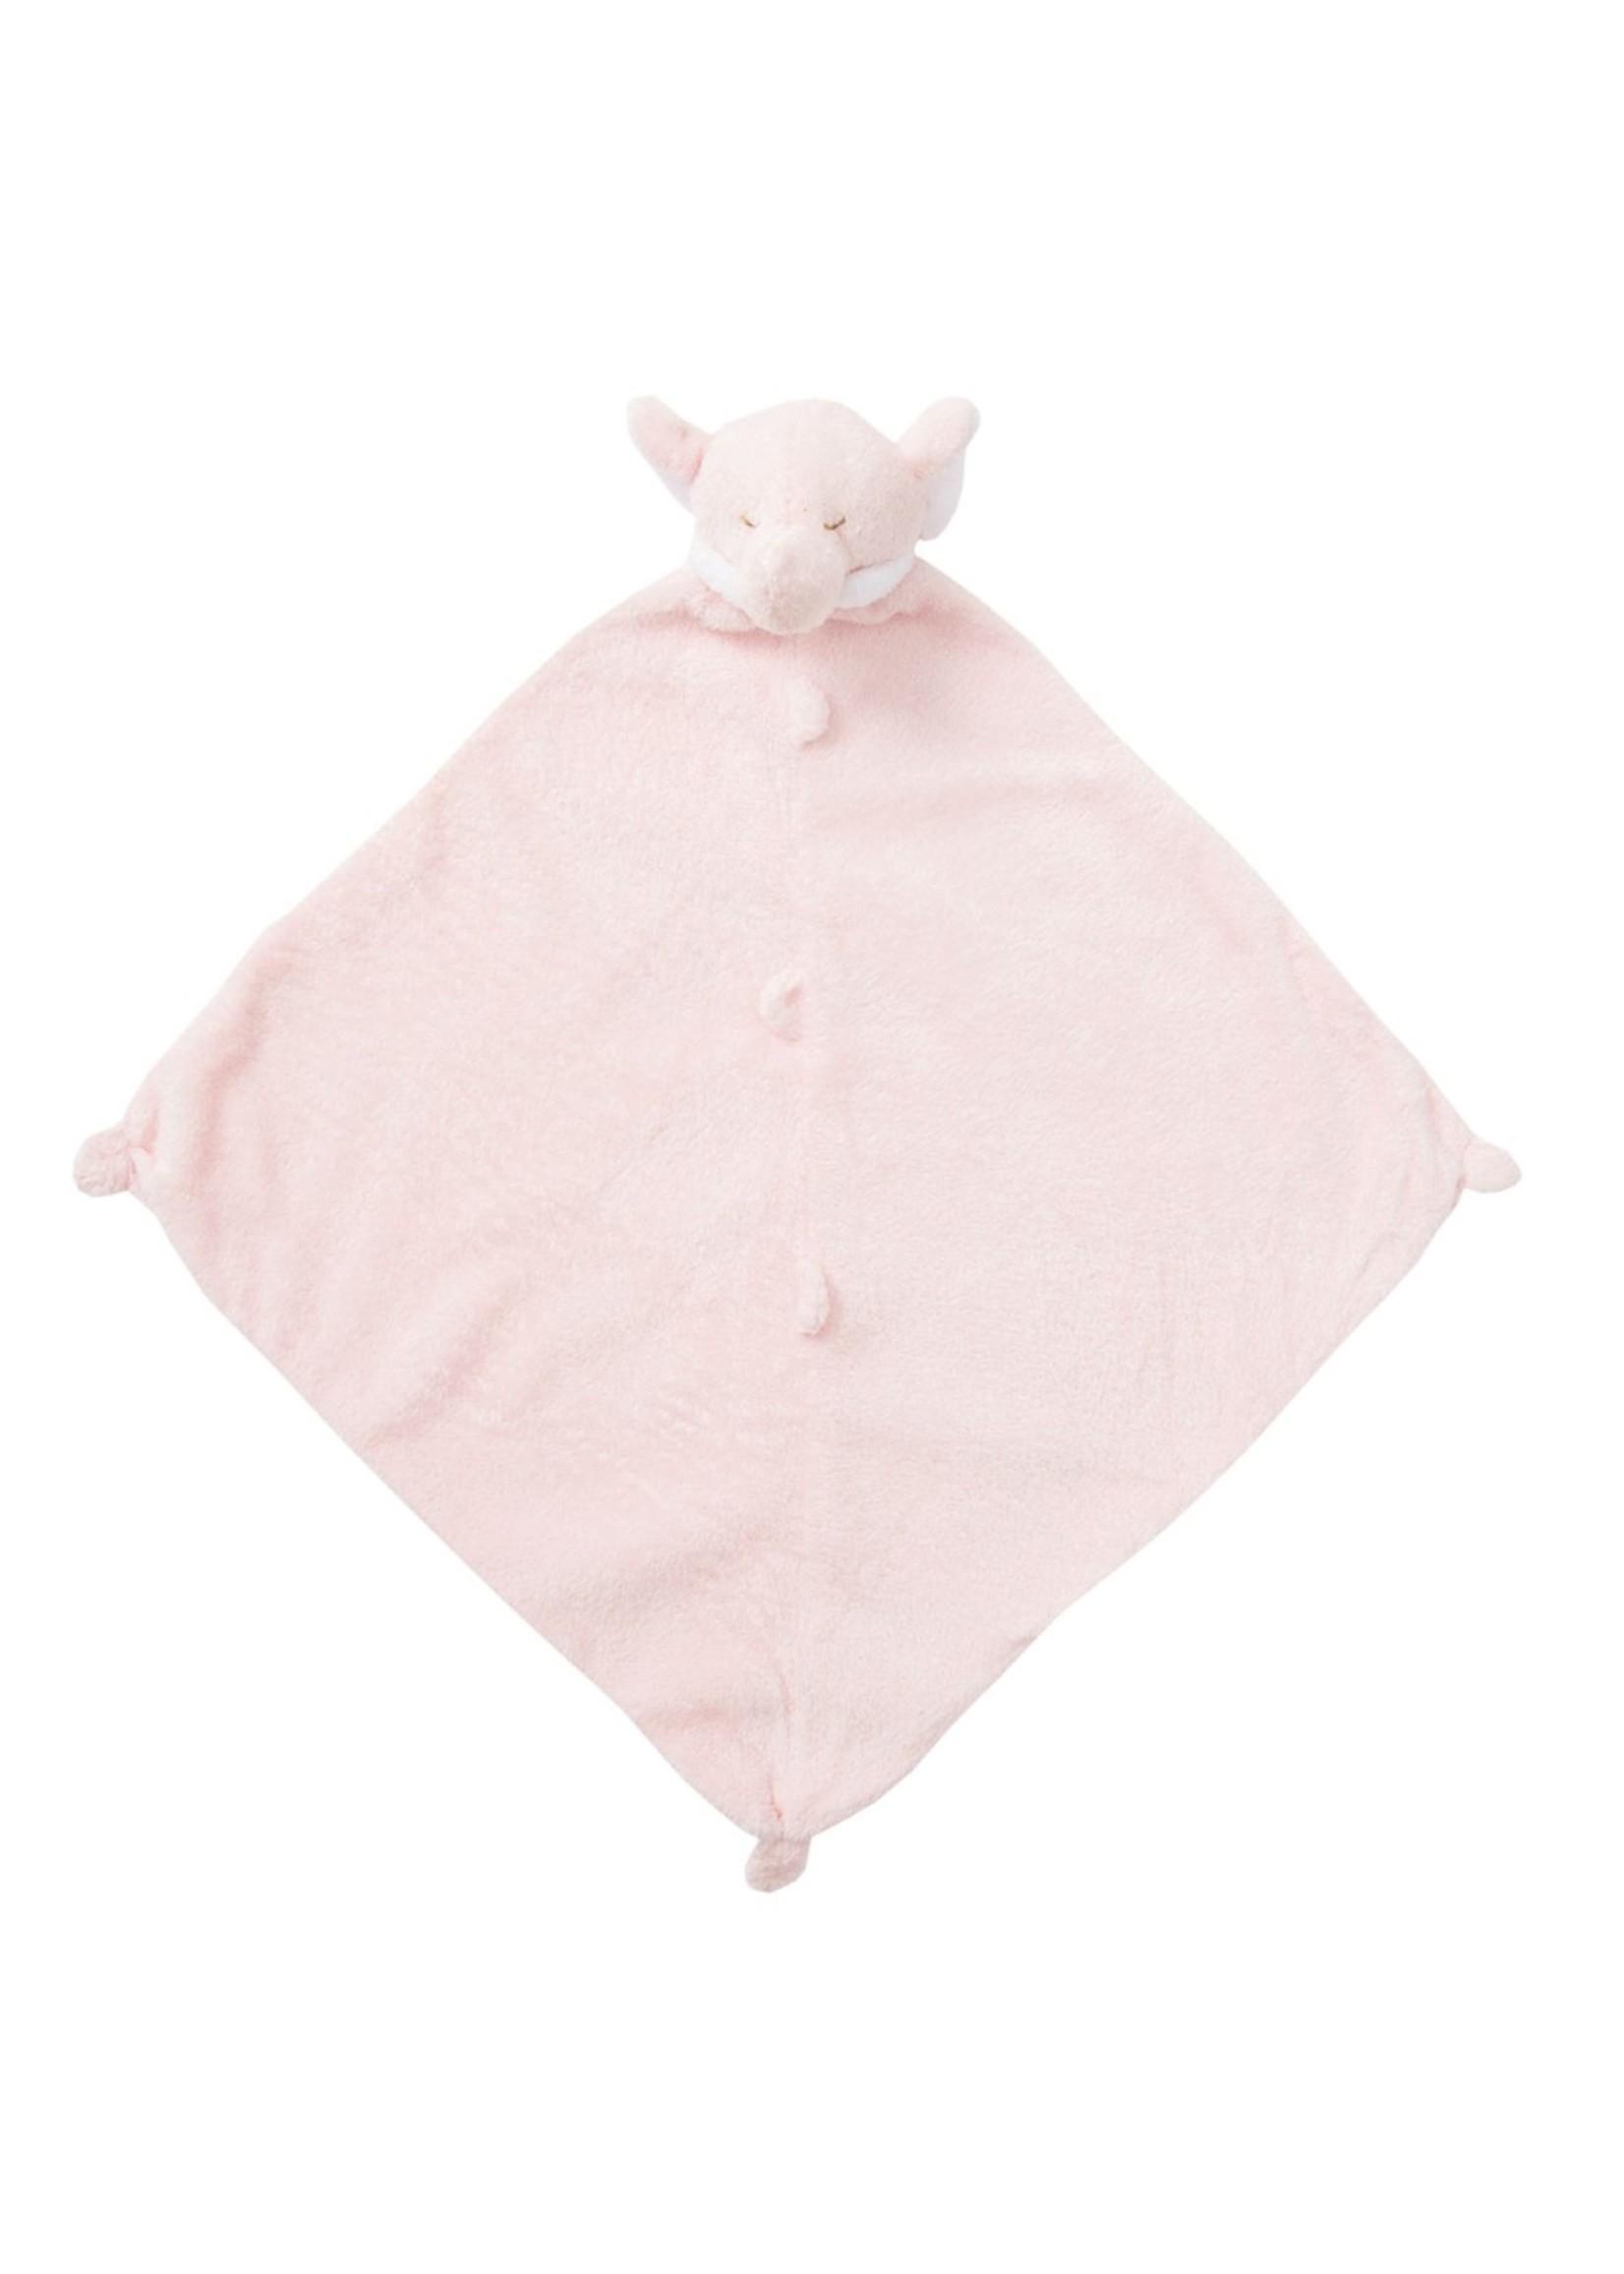 Angel Dear Angel Dear Blankie - Pink Elephant